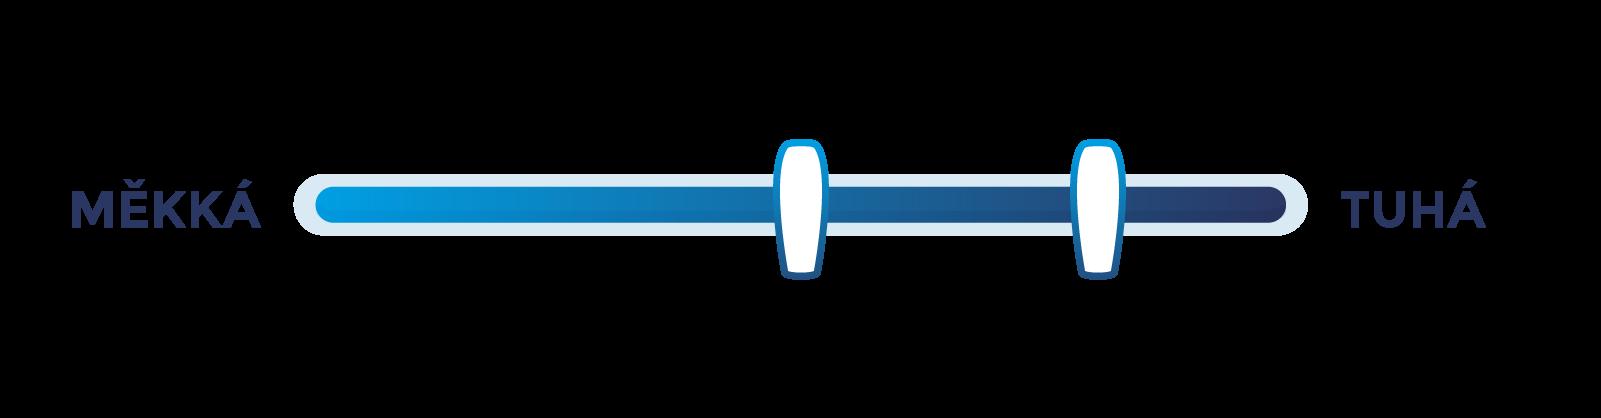 tuhost-matrace-skala-3x45